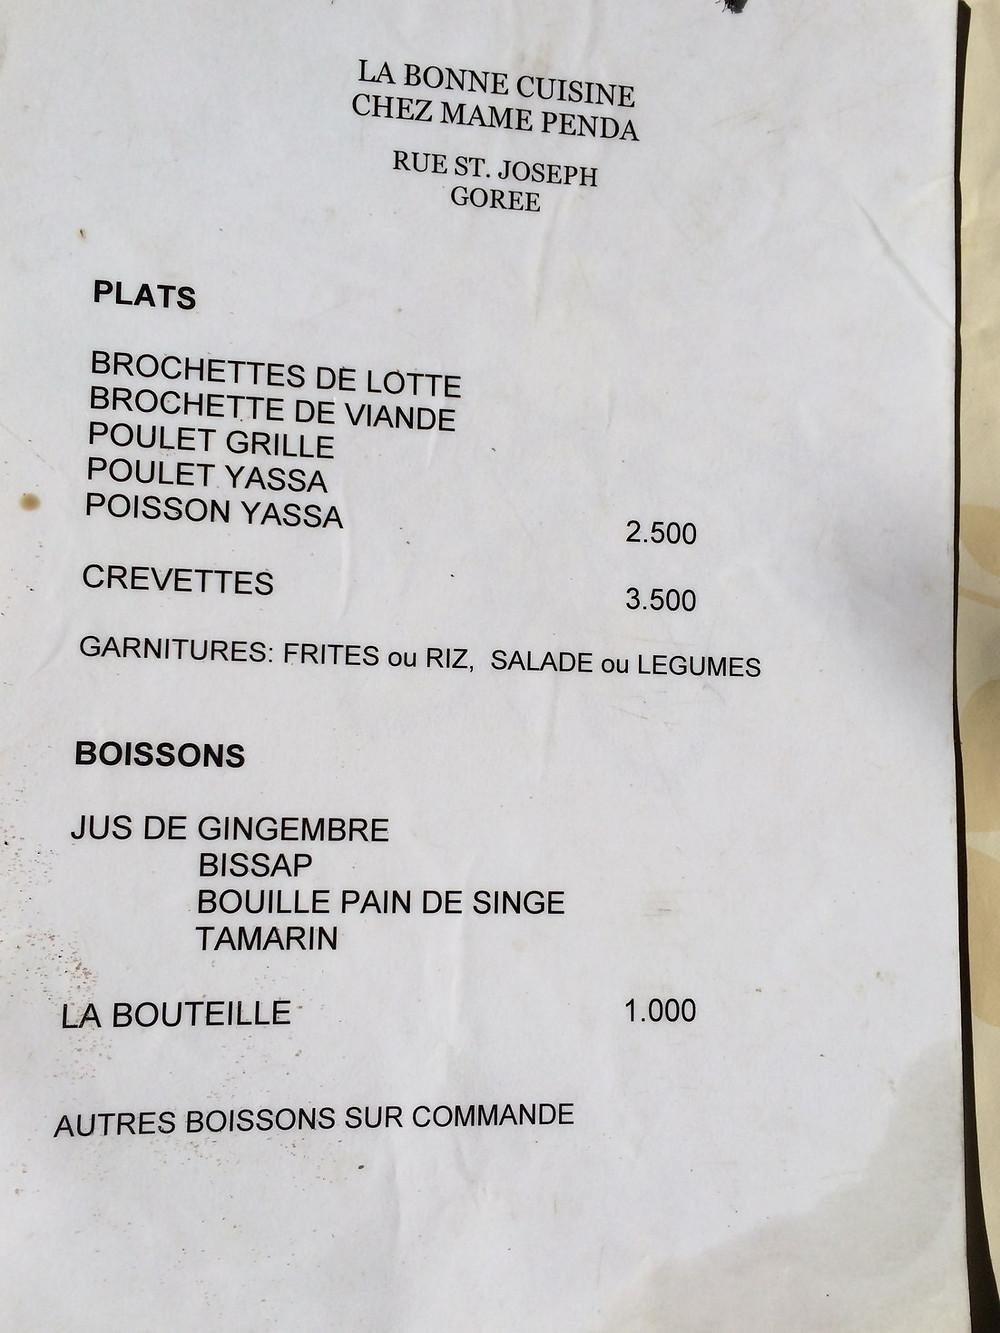 Le menu de chez Mame Penda